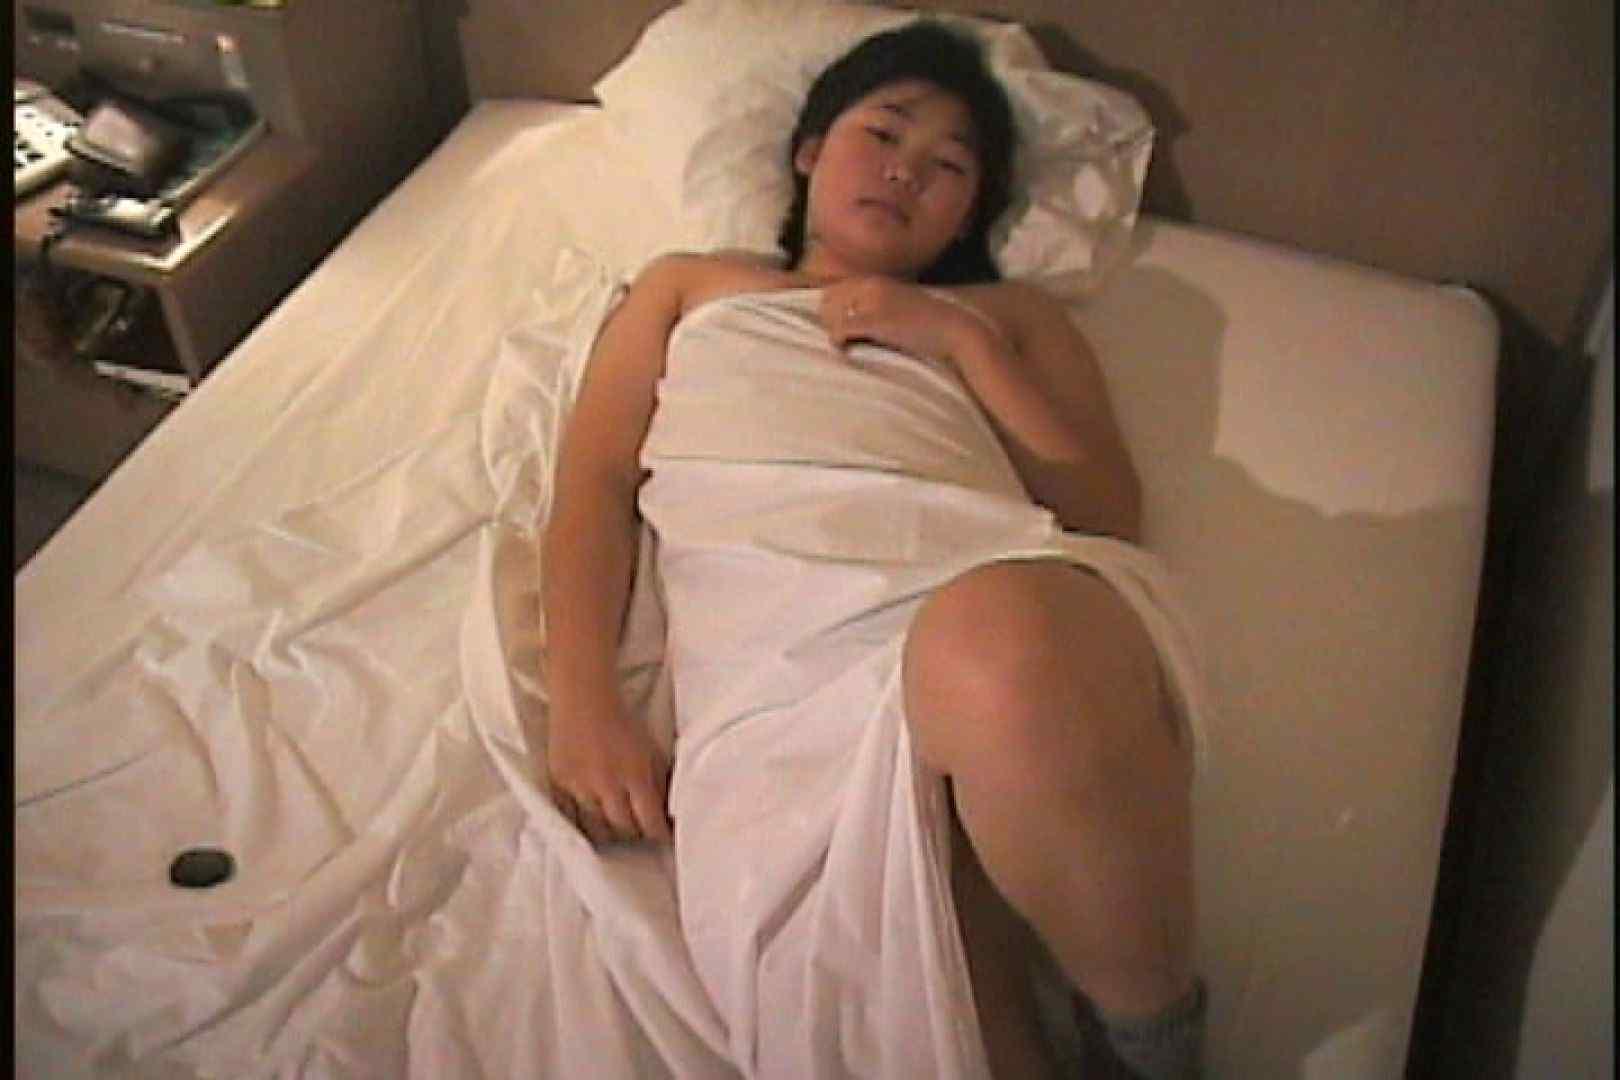 いっくんの調教! 18歳変態レズっ子えこちゃんシリーズVol.8 OLの実態 | レズビアン編  28pic 3